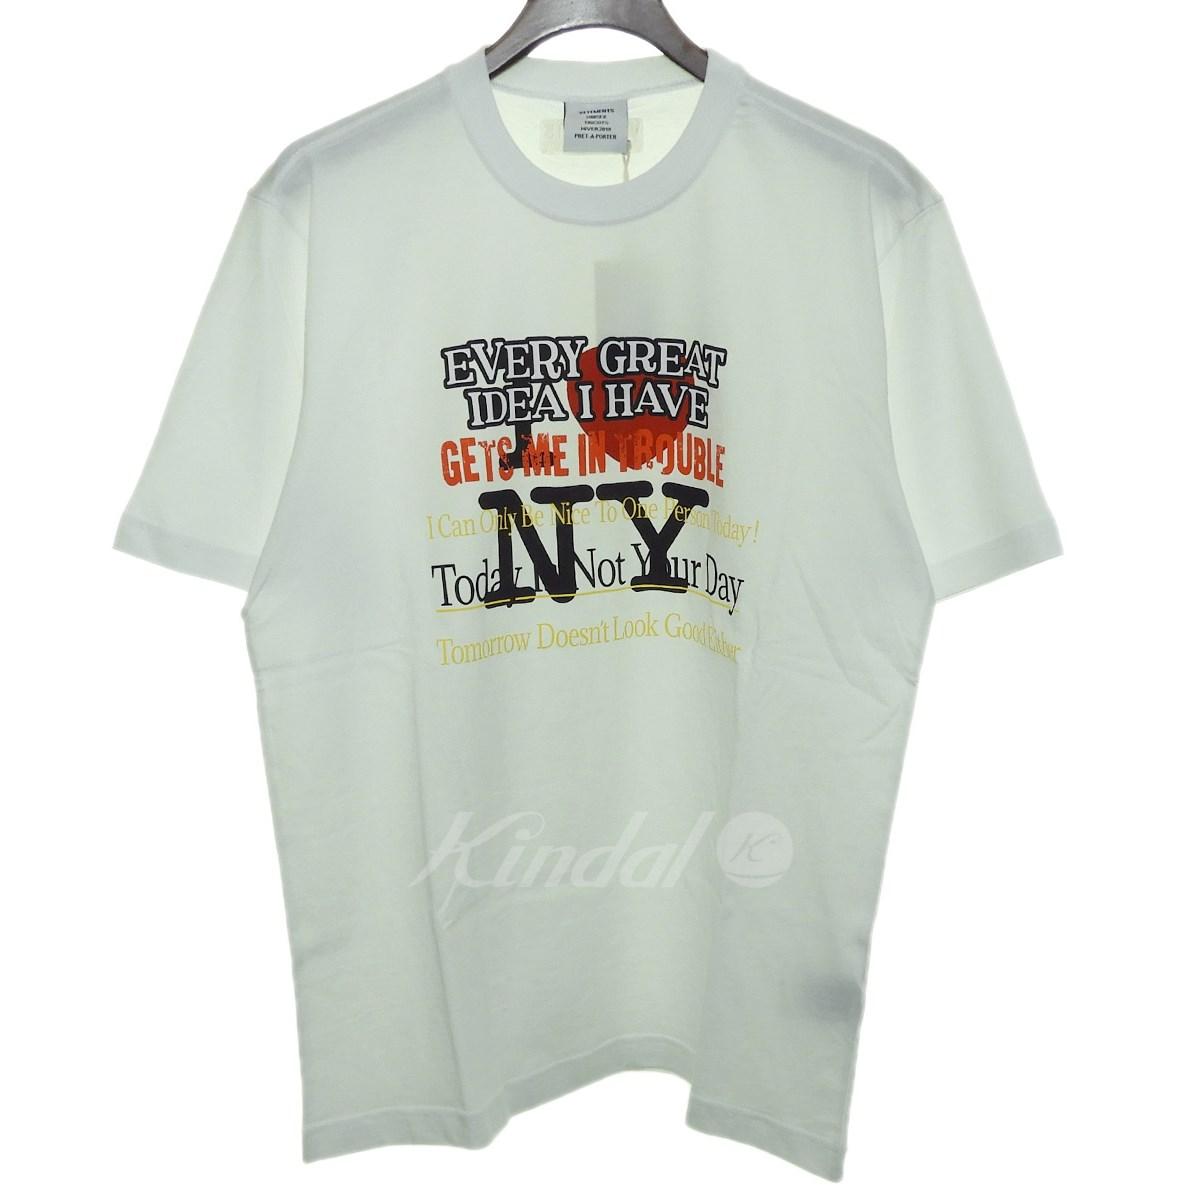 【3月18日 お値段見直しました】【中古】VETEMENTS18AW「Tourist New York T-Shirt」ニューヨークTシャツ ホワイト サイズ:S 【送料無料】